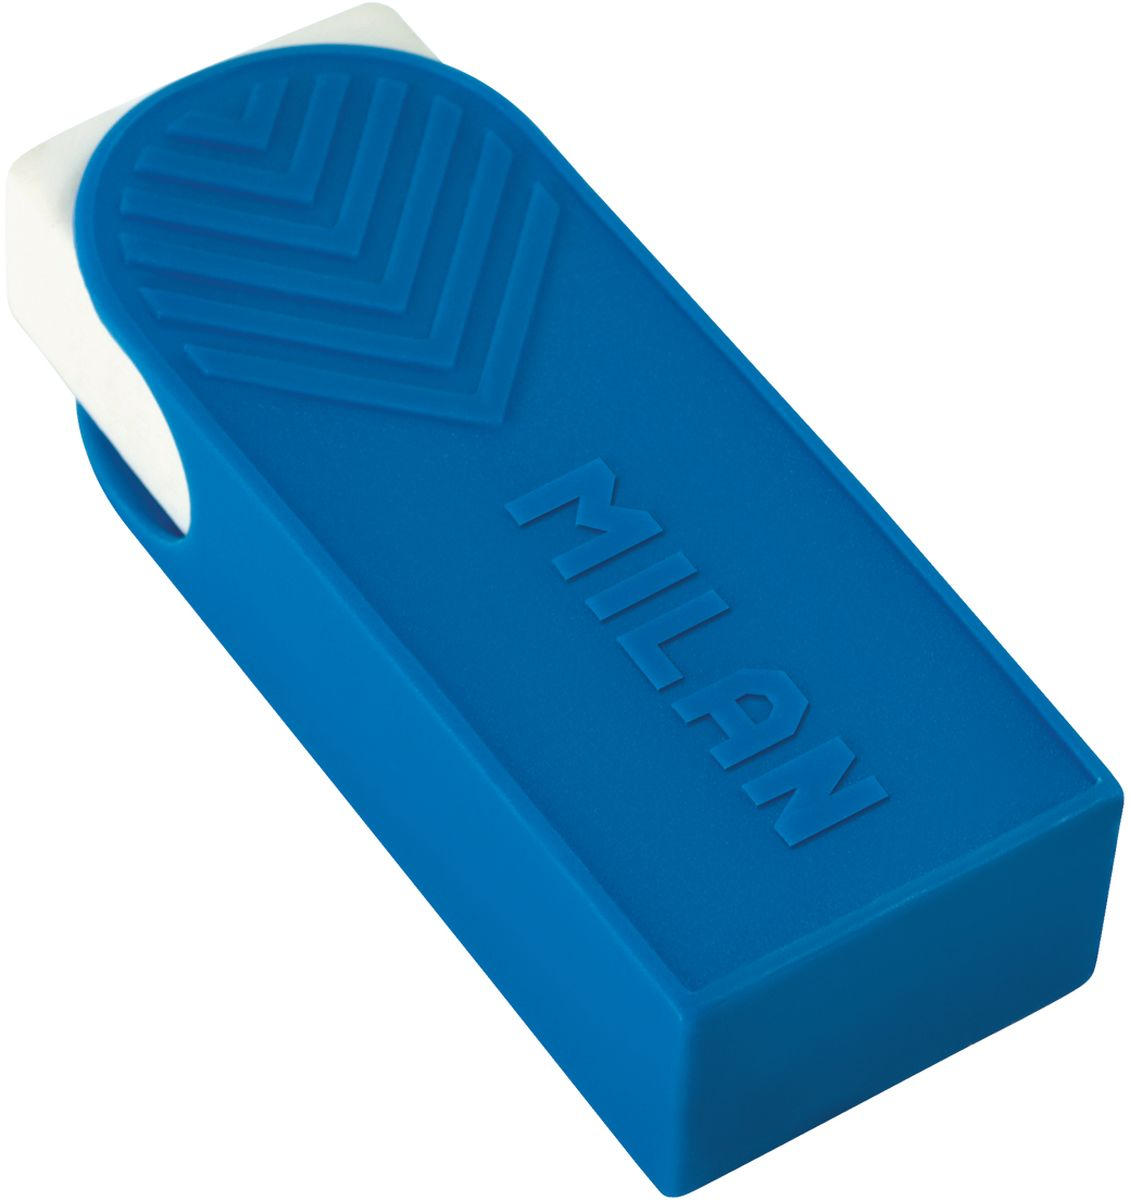 Milan Ластик A1 прямоугольный72523WDЛастик Milan A1 - это одно из лучших предложений для профессиональных задач. Ластик великолепно стирает все виды особо мягких и специальных художественных карандашей, включая сангину и уголь. Изготовлен из натурального каучука с добавлением синтетического пластификатора, что гарантирует великолепные абсорбционные свойства. Удобный держатель из пластика.